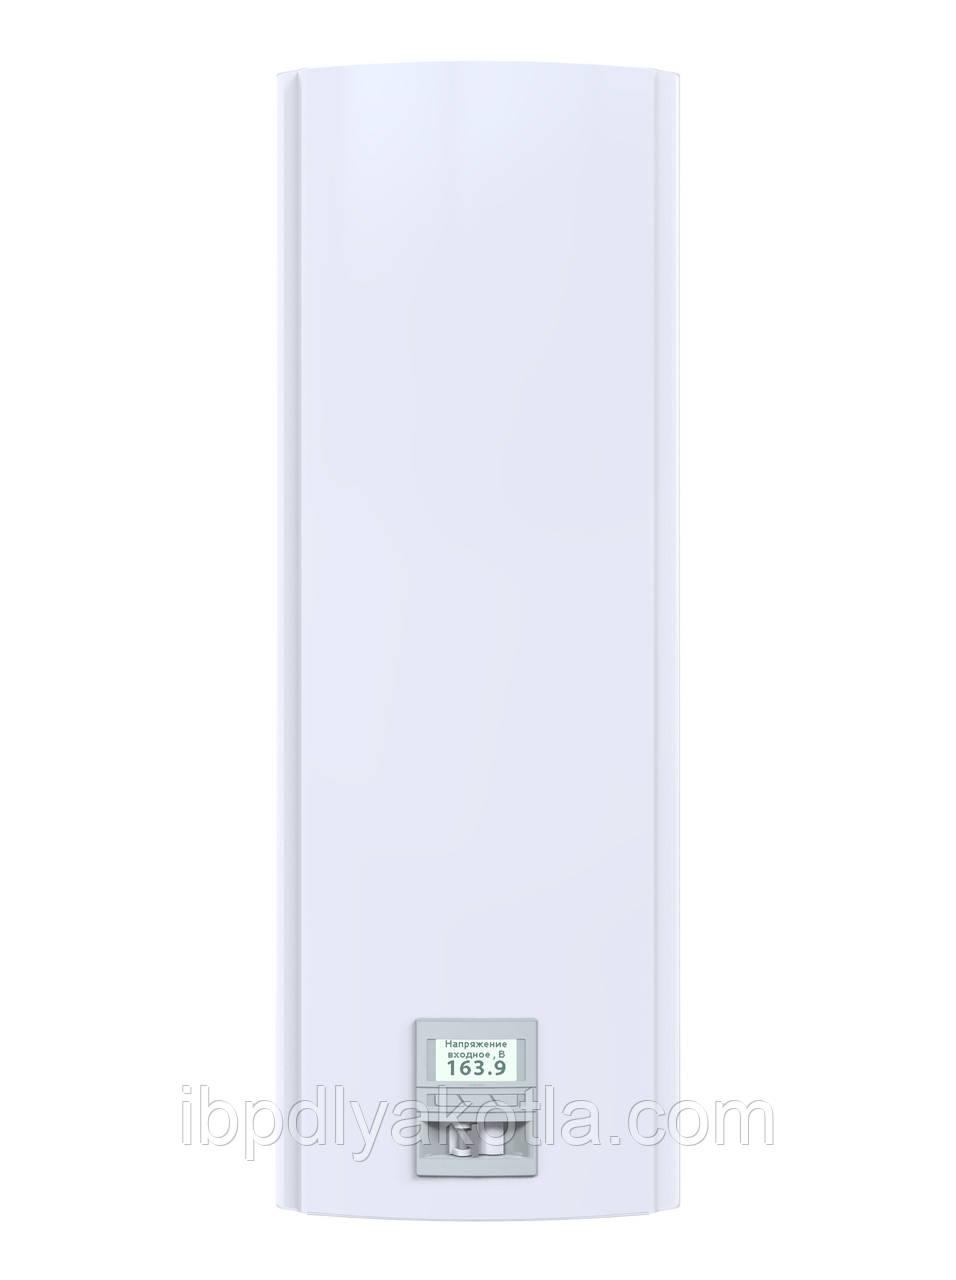 Элекс Герц У 16-1/100А v3.0 (22000Вт)